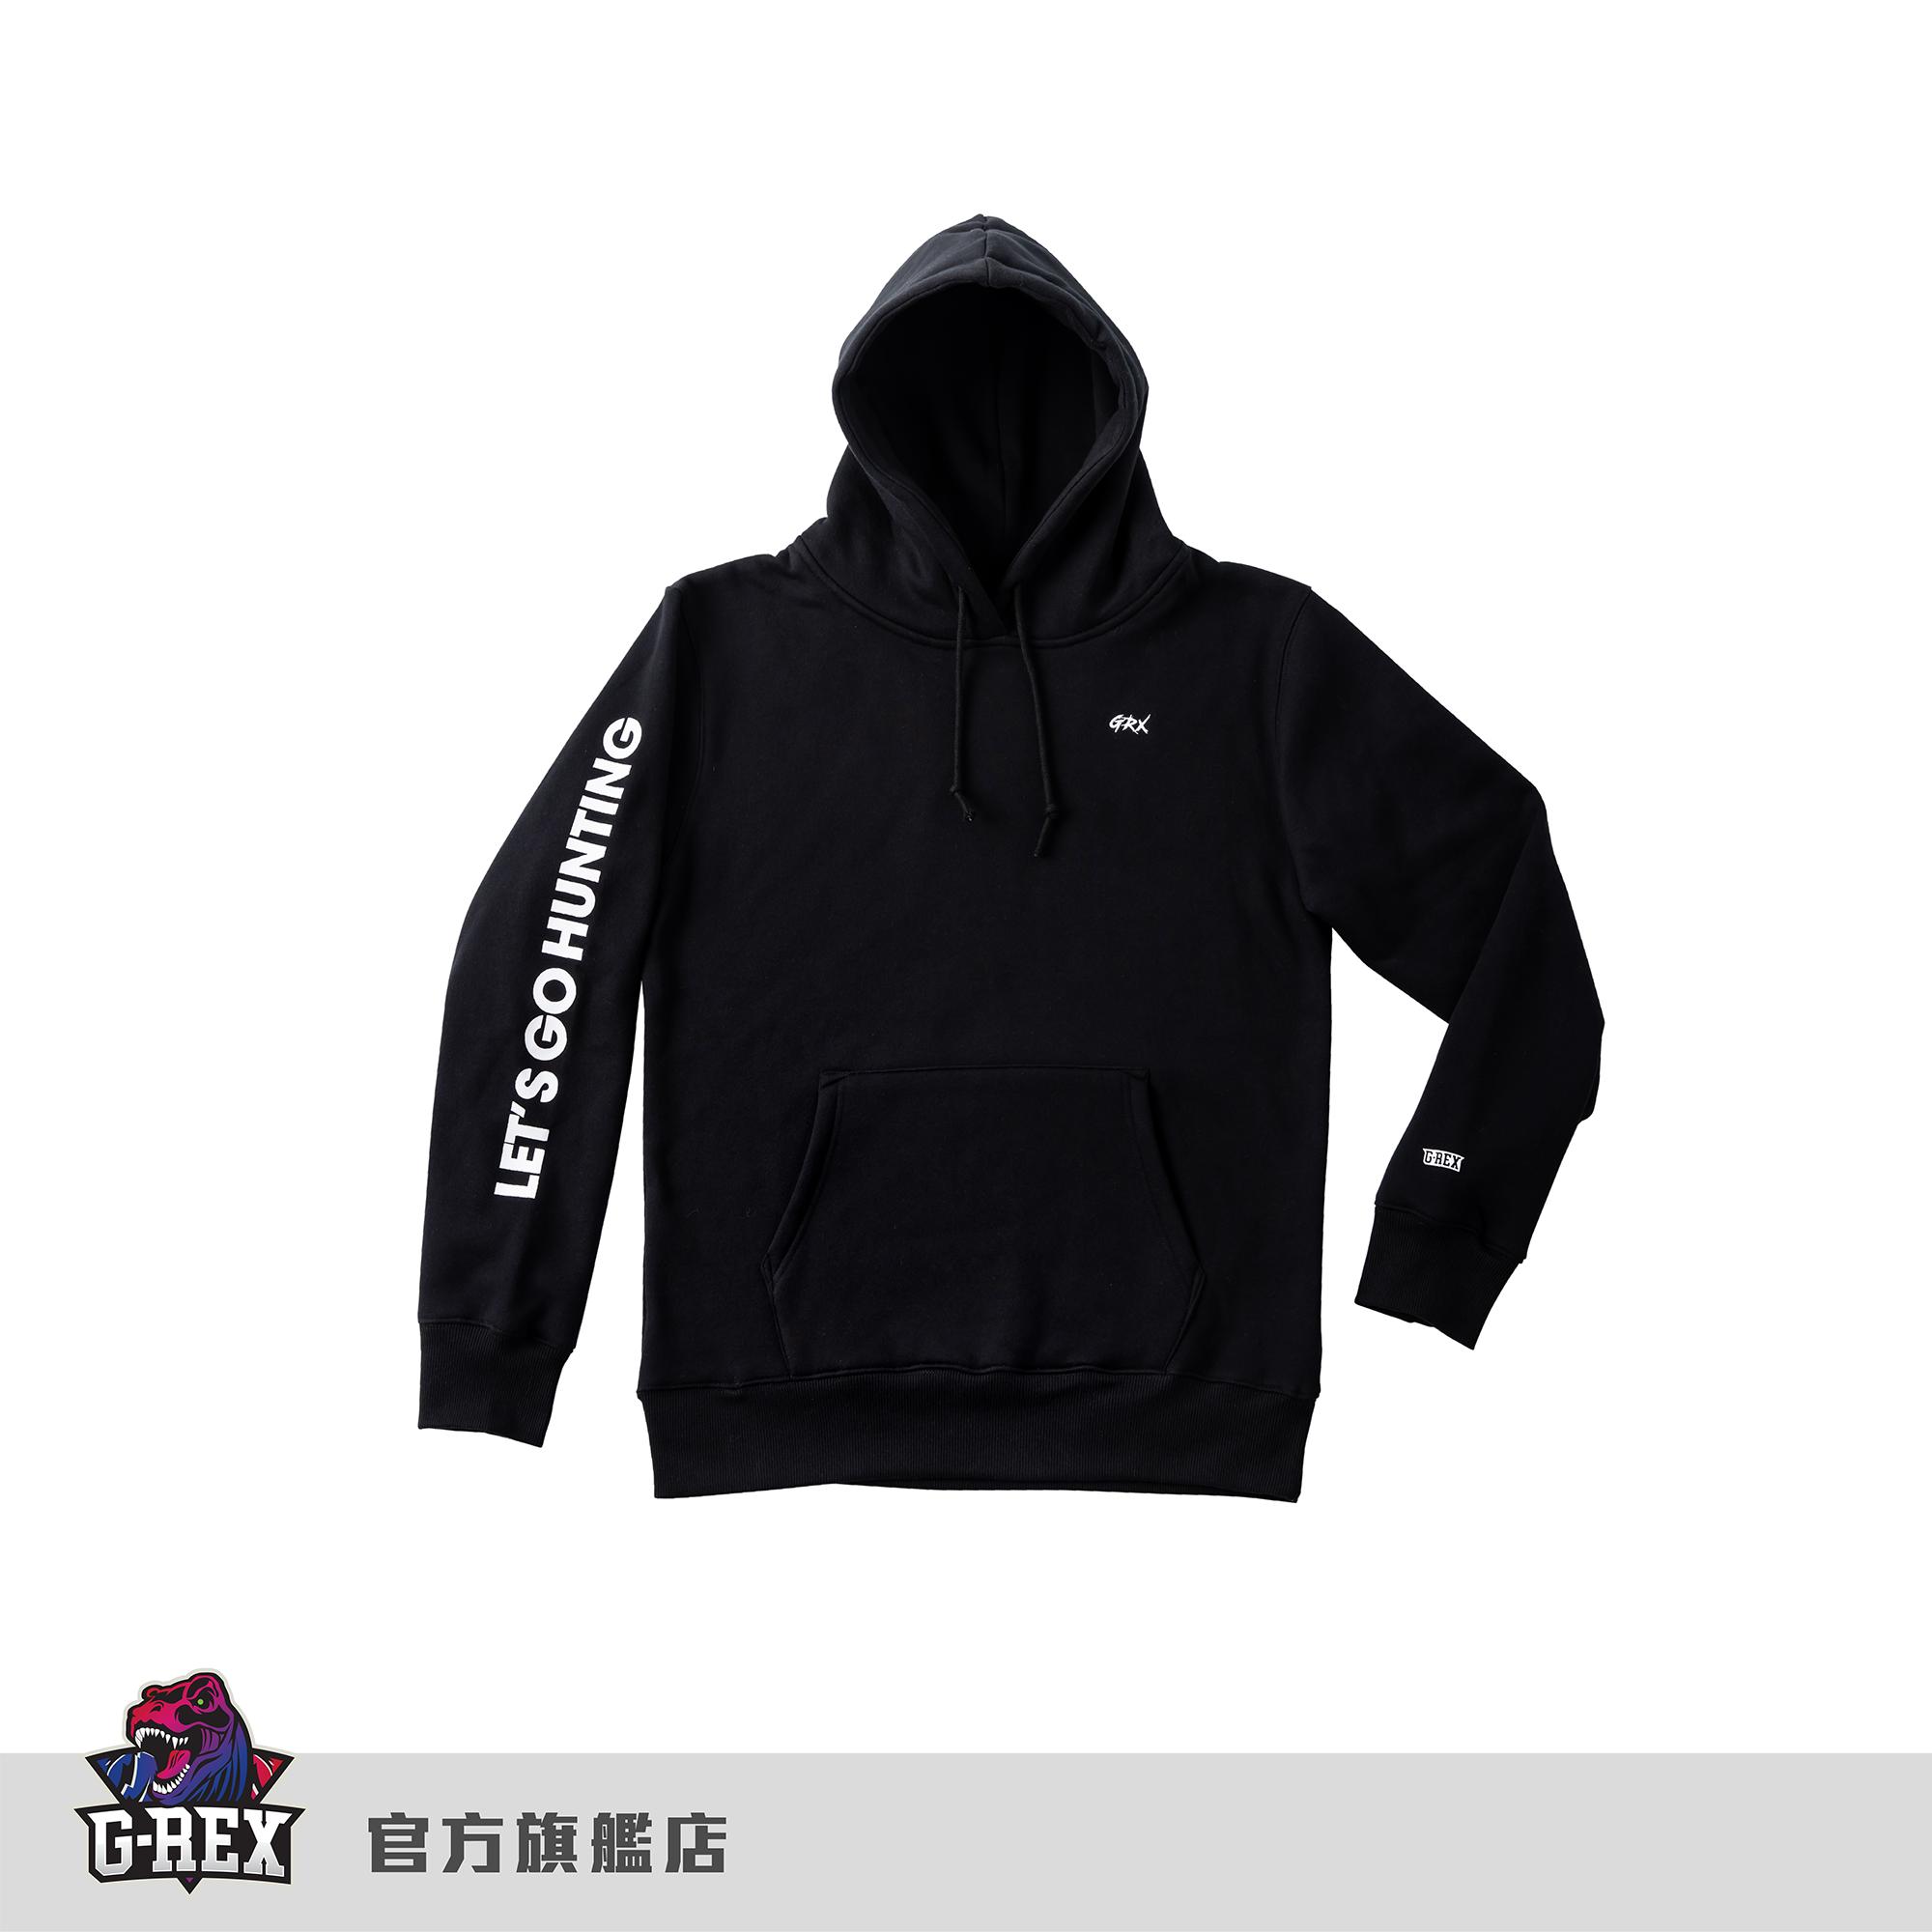 [G-Rex] 官方黑色衛衣      HKD $390